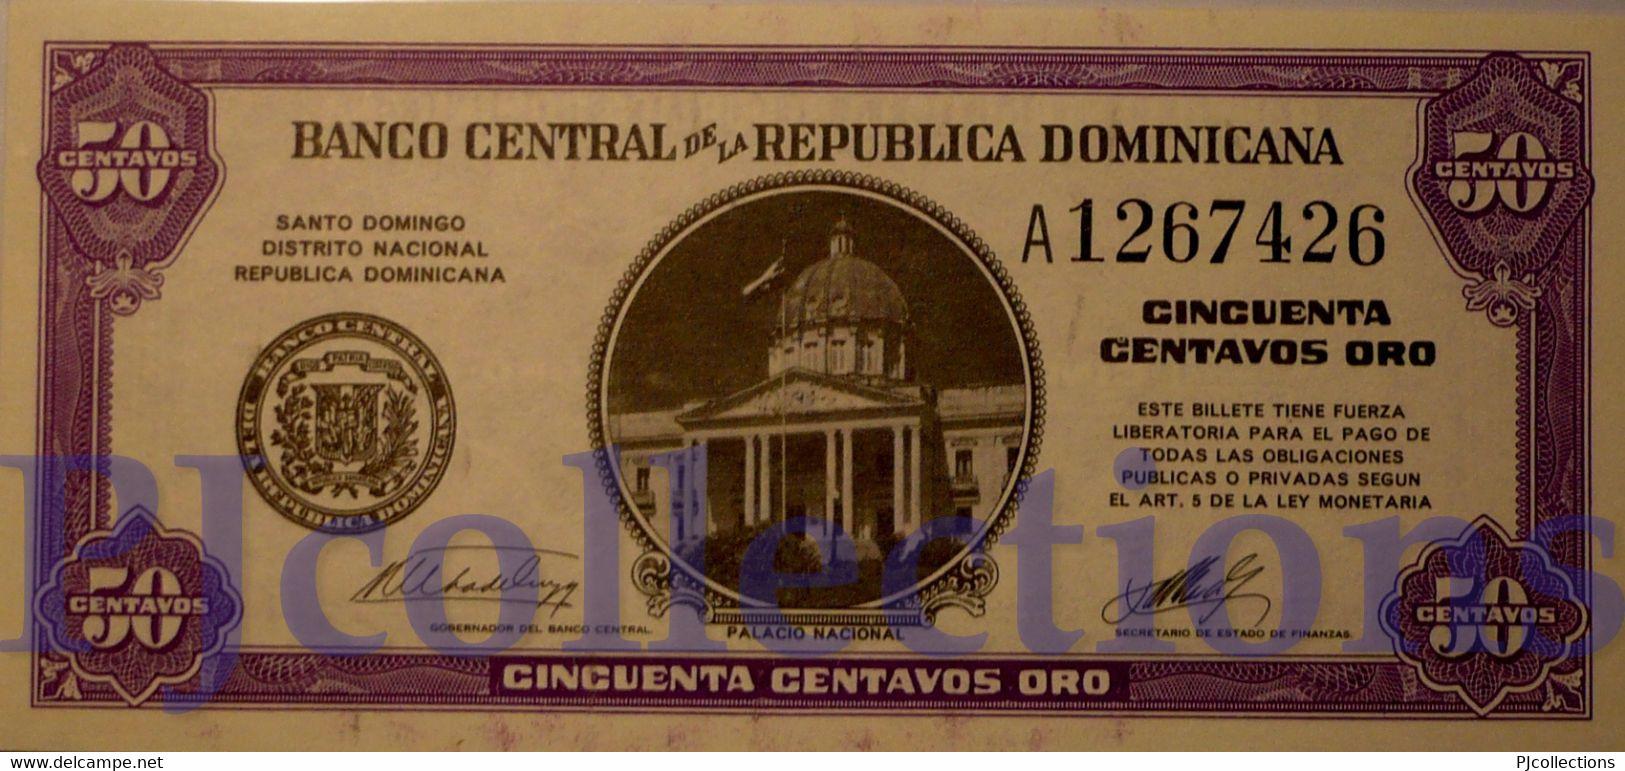 DOMINICAN REPUBLIC 50 CENTAVOS ORO 1961 PICK 89a UNC - Dominicana